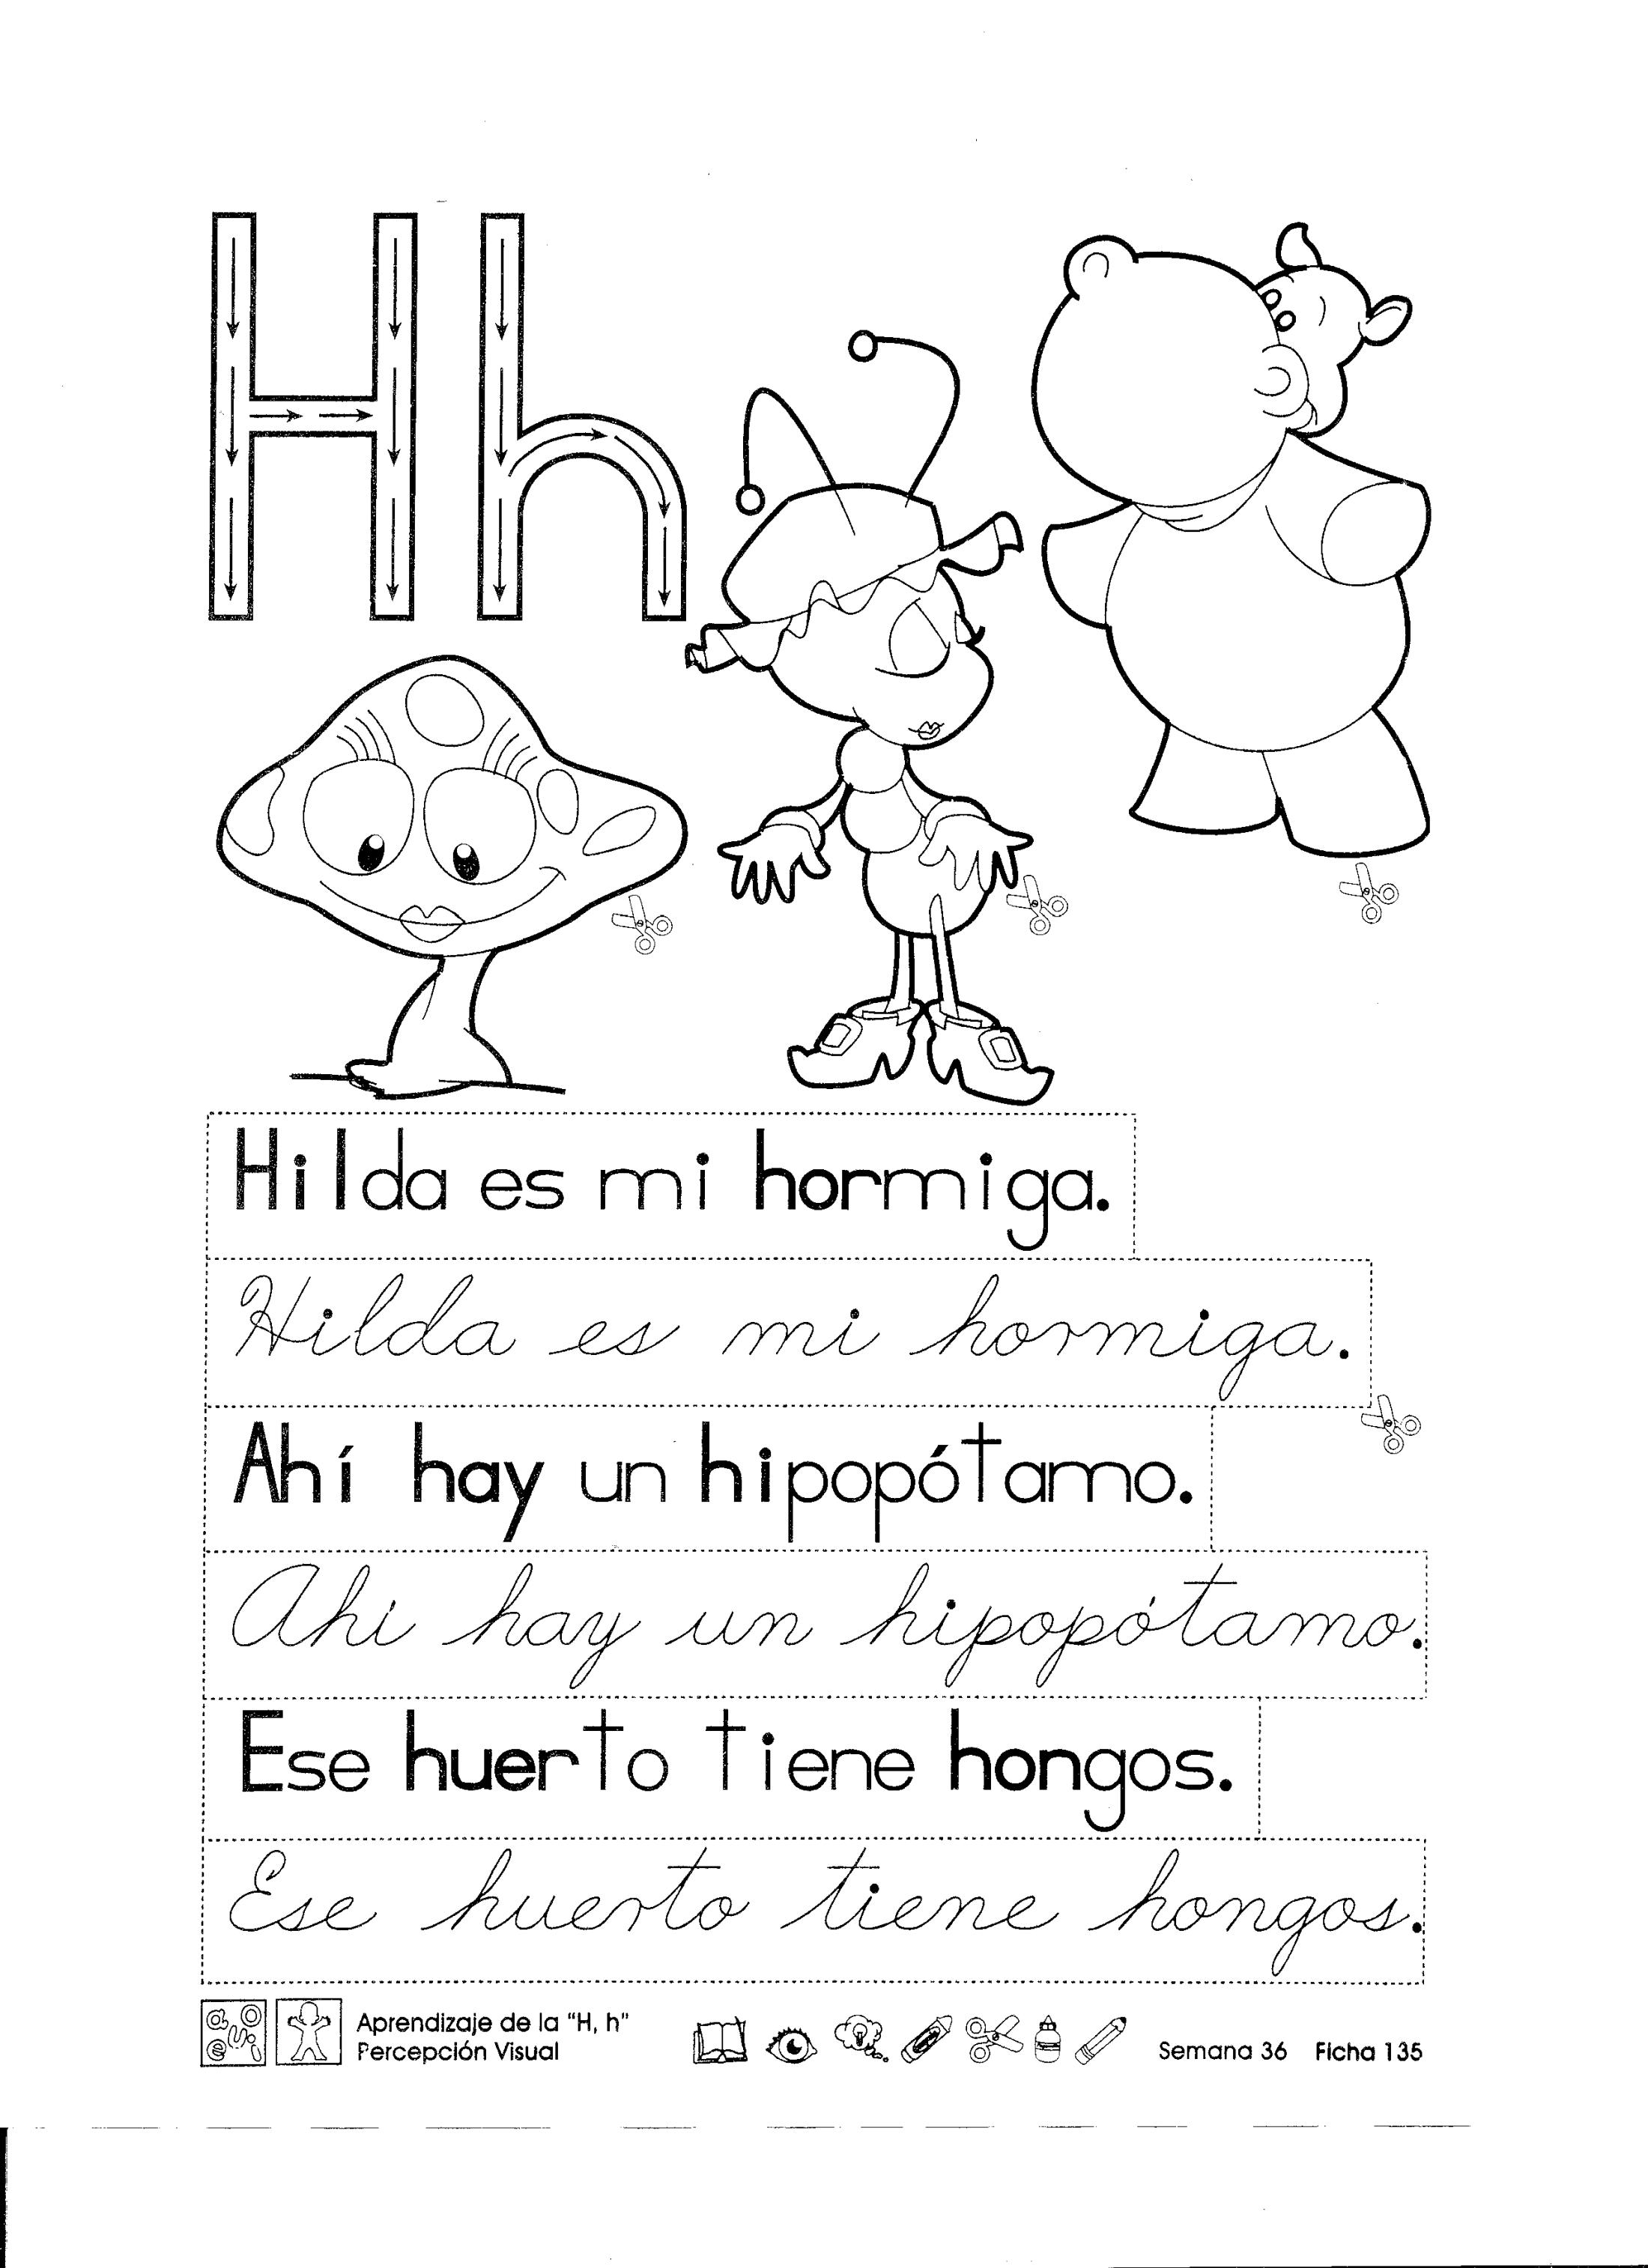 Aprendizaje De La H H Percepción Visual 1er Grado Material De Aprendizaje Aprendizaje Actividades De Letras Fichas